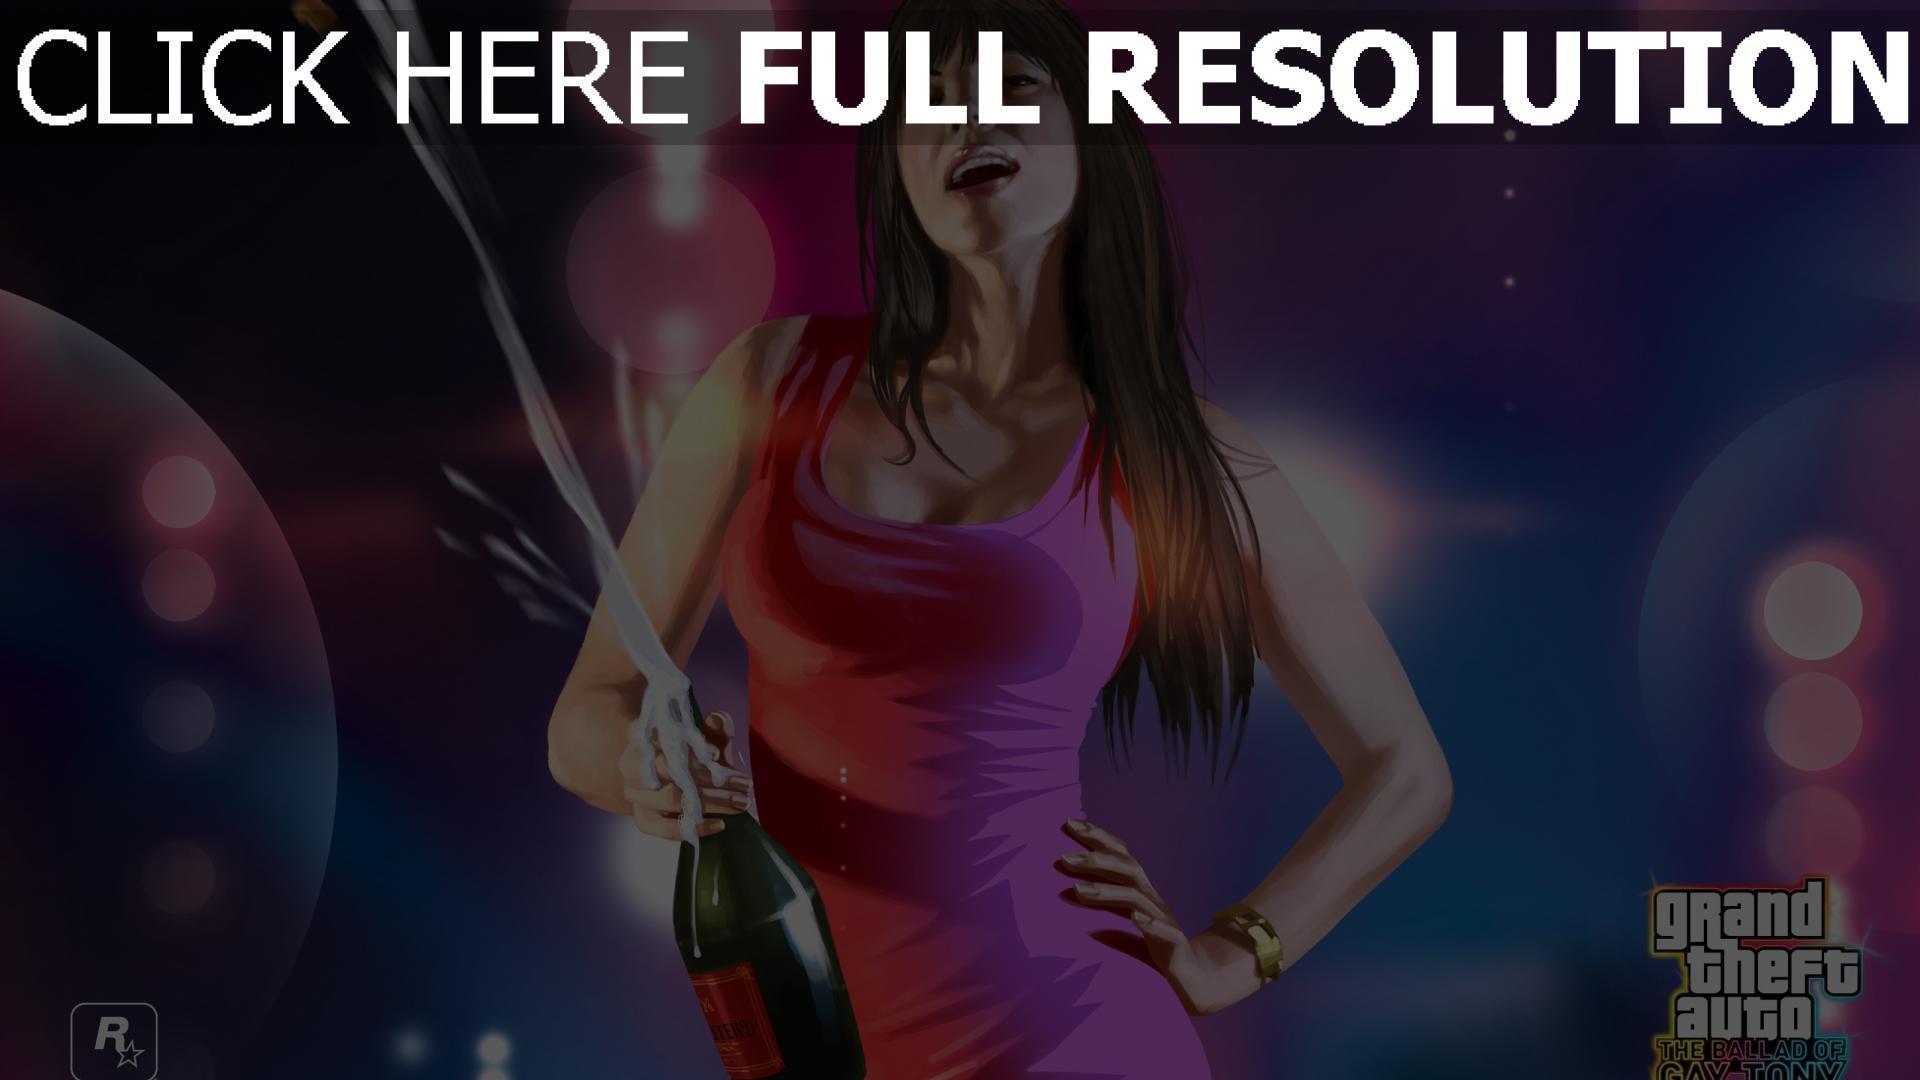 fond d'écran 1920x1080 gta 5 robe champagne